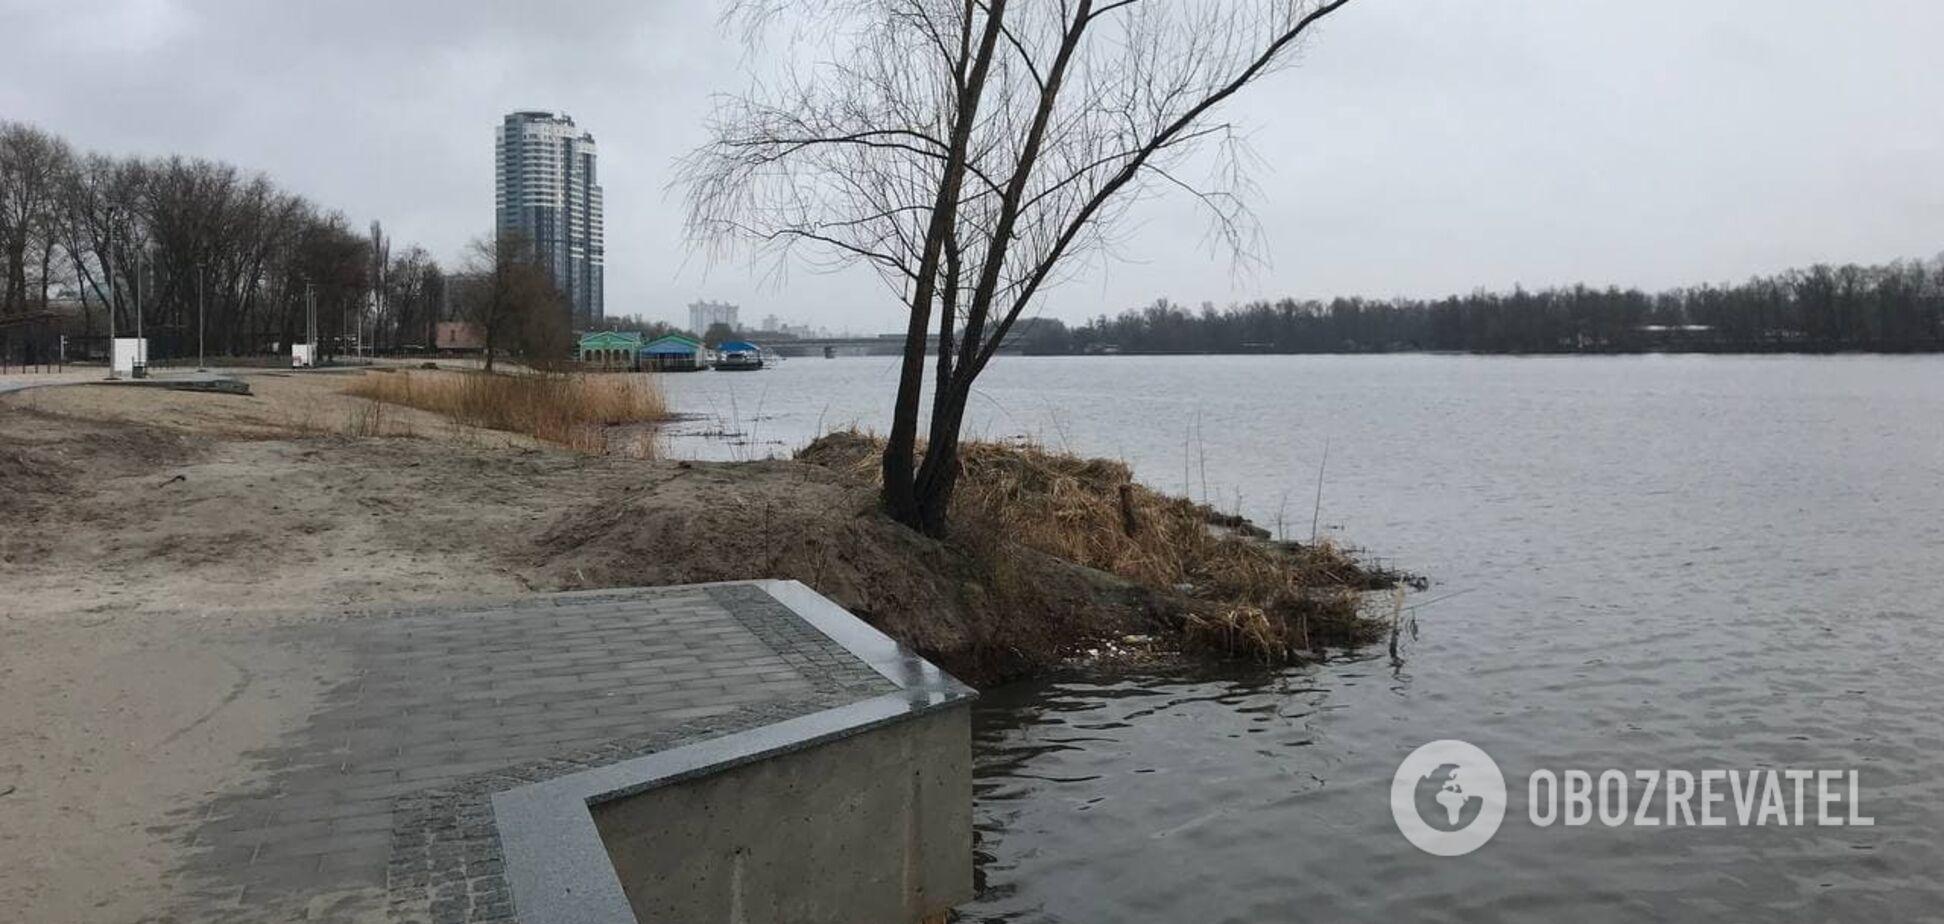 Штучний острів і набережна: в Києві створили нове місце для відпочинку